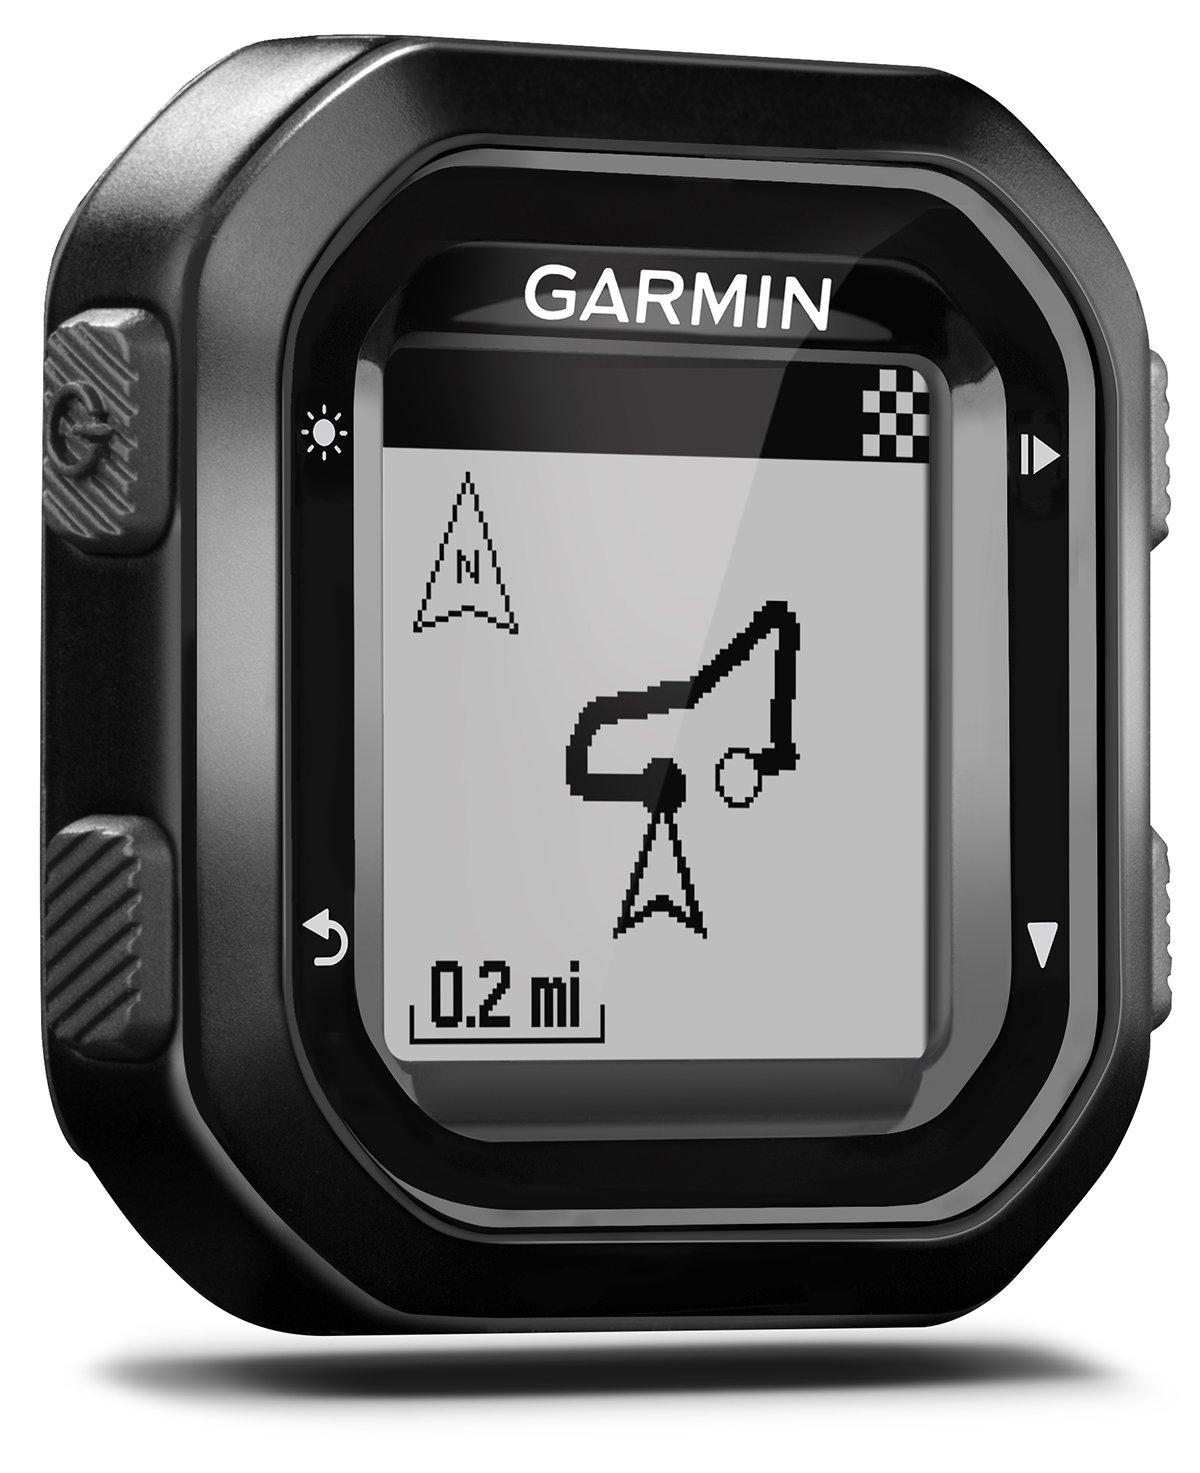 Garmin Edge 25 Cycling GPS by Garmin